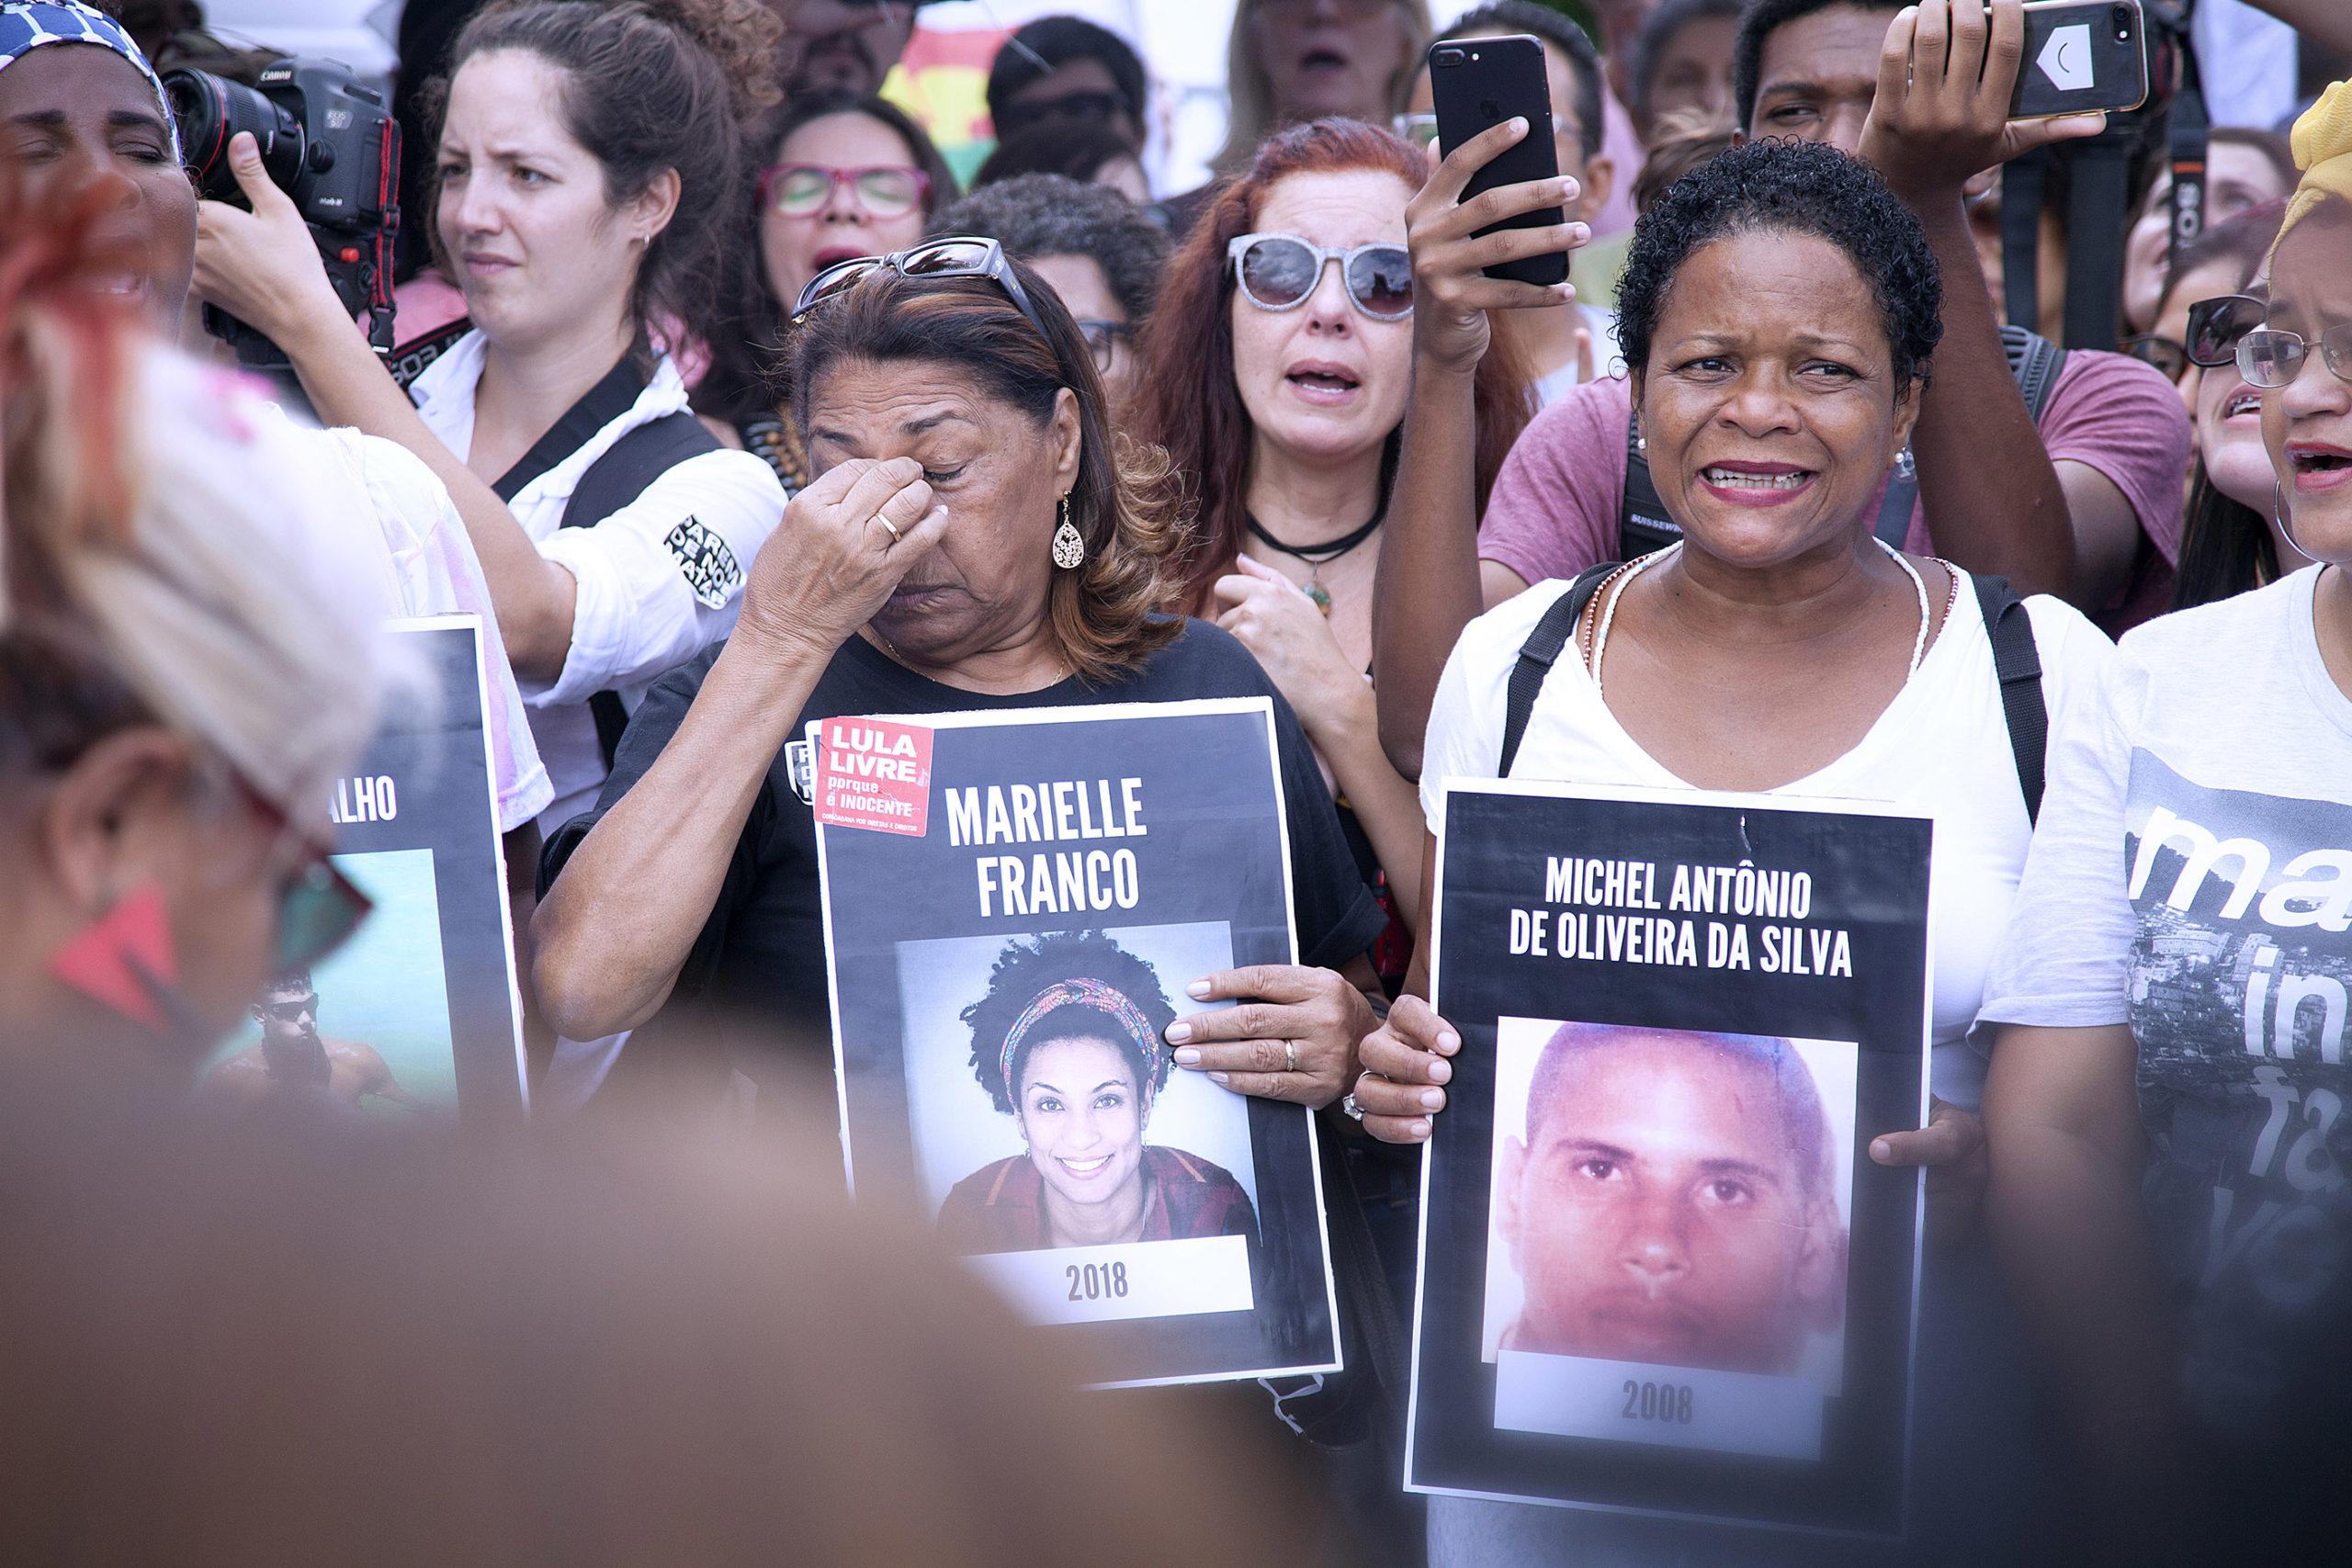 Protesto contra o assassinato de Marielle e Anderson